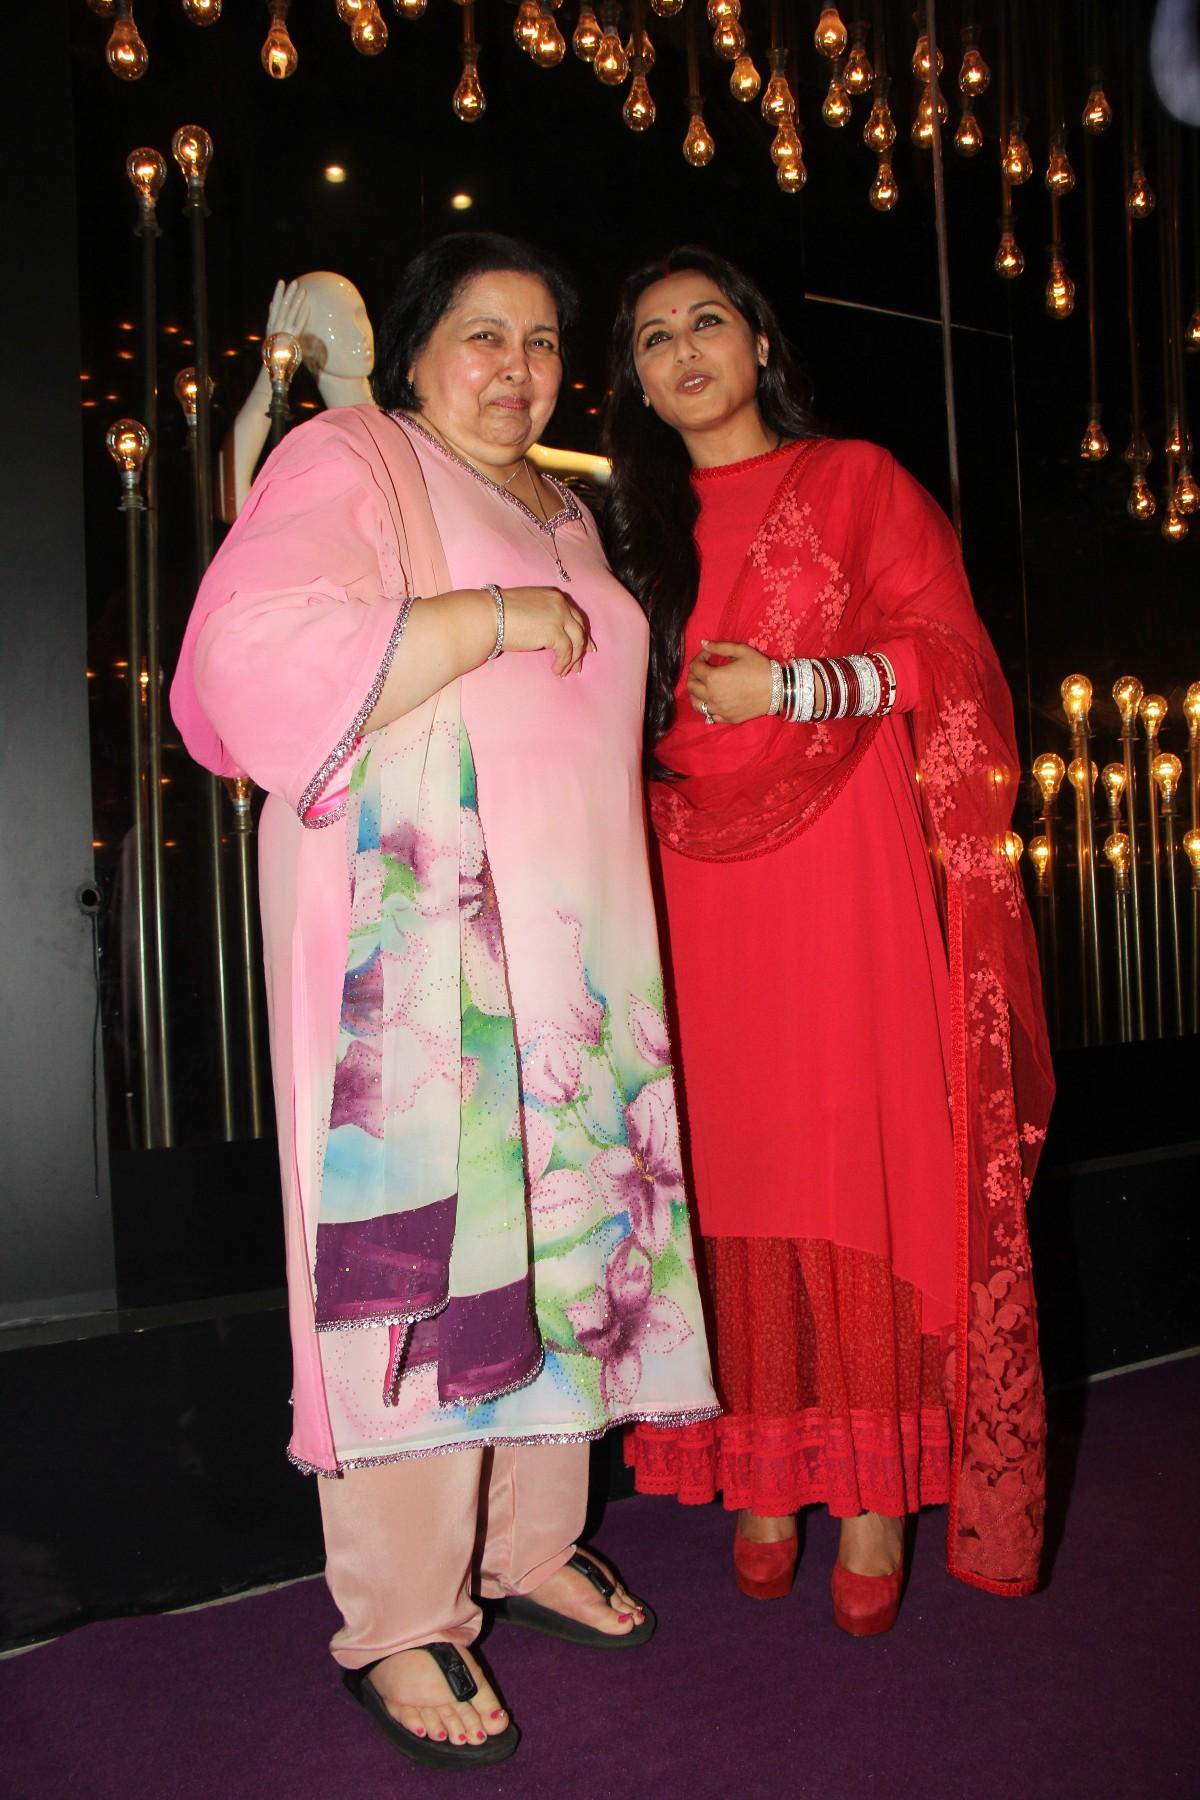 Ms Pamela Chopra with Rani Mukerji at DIVA'NI store launch